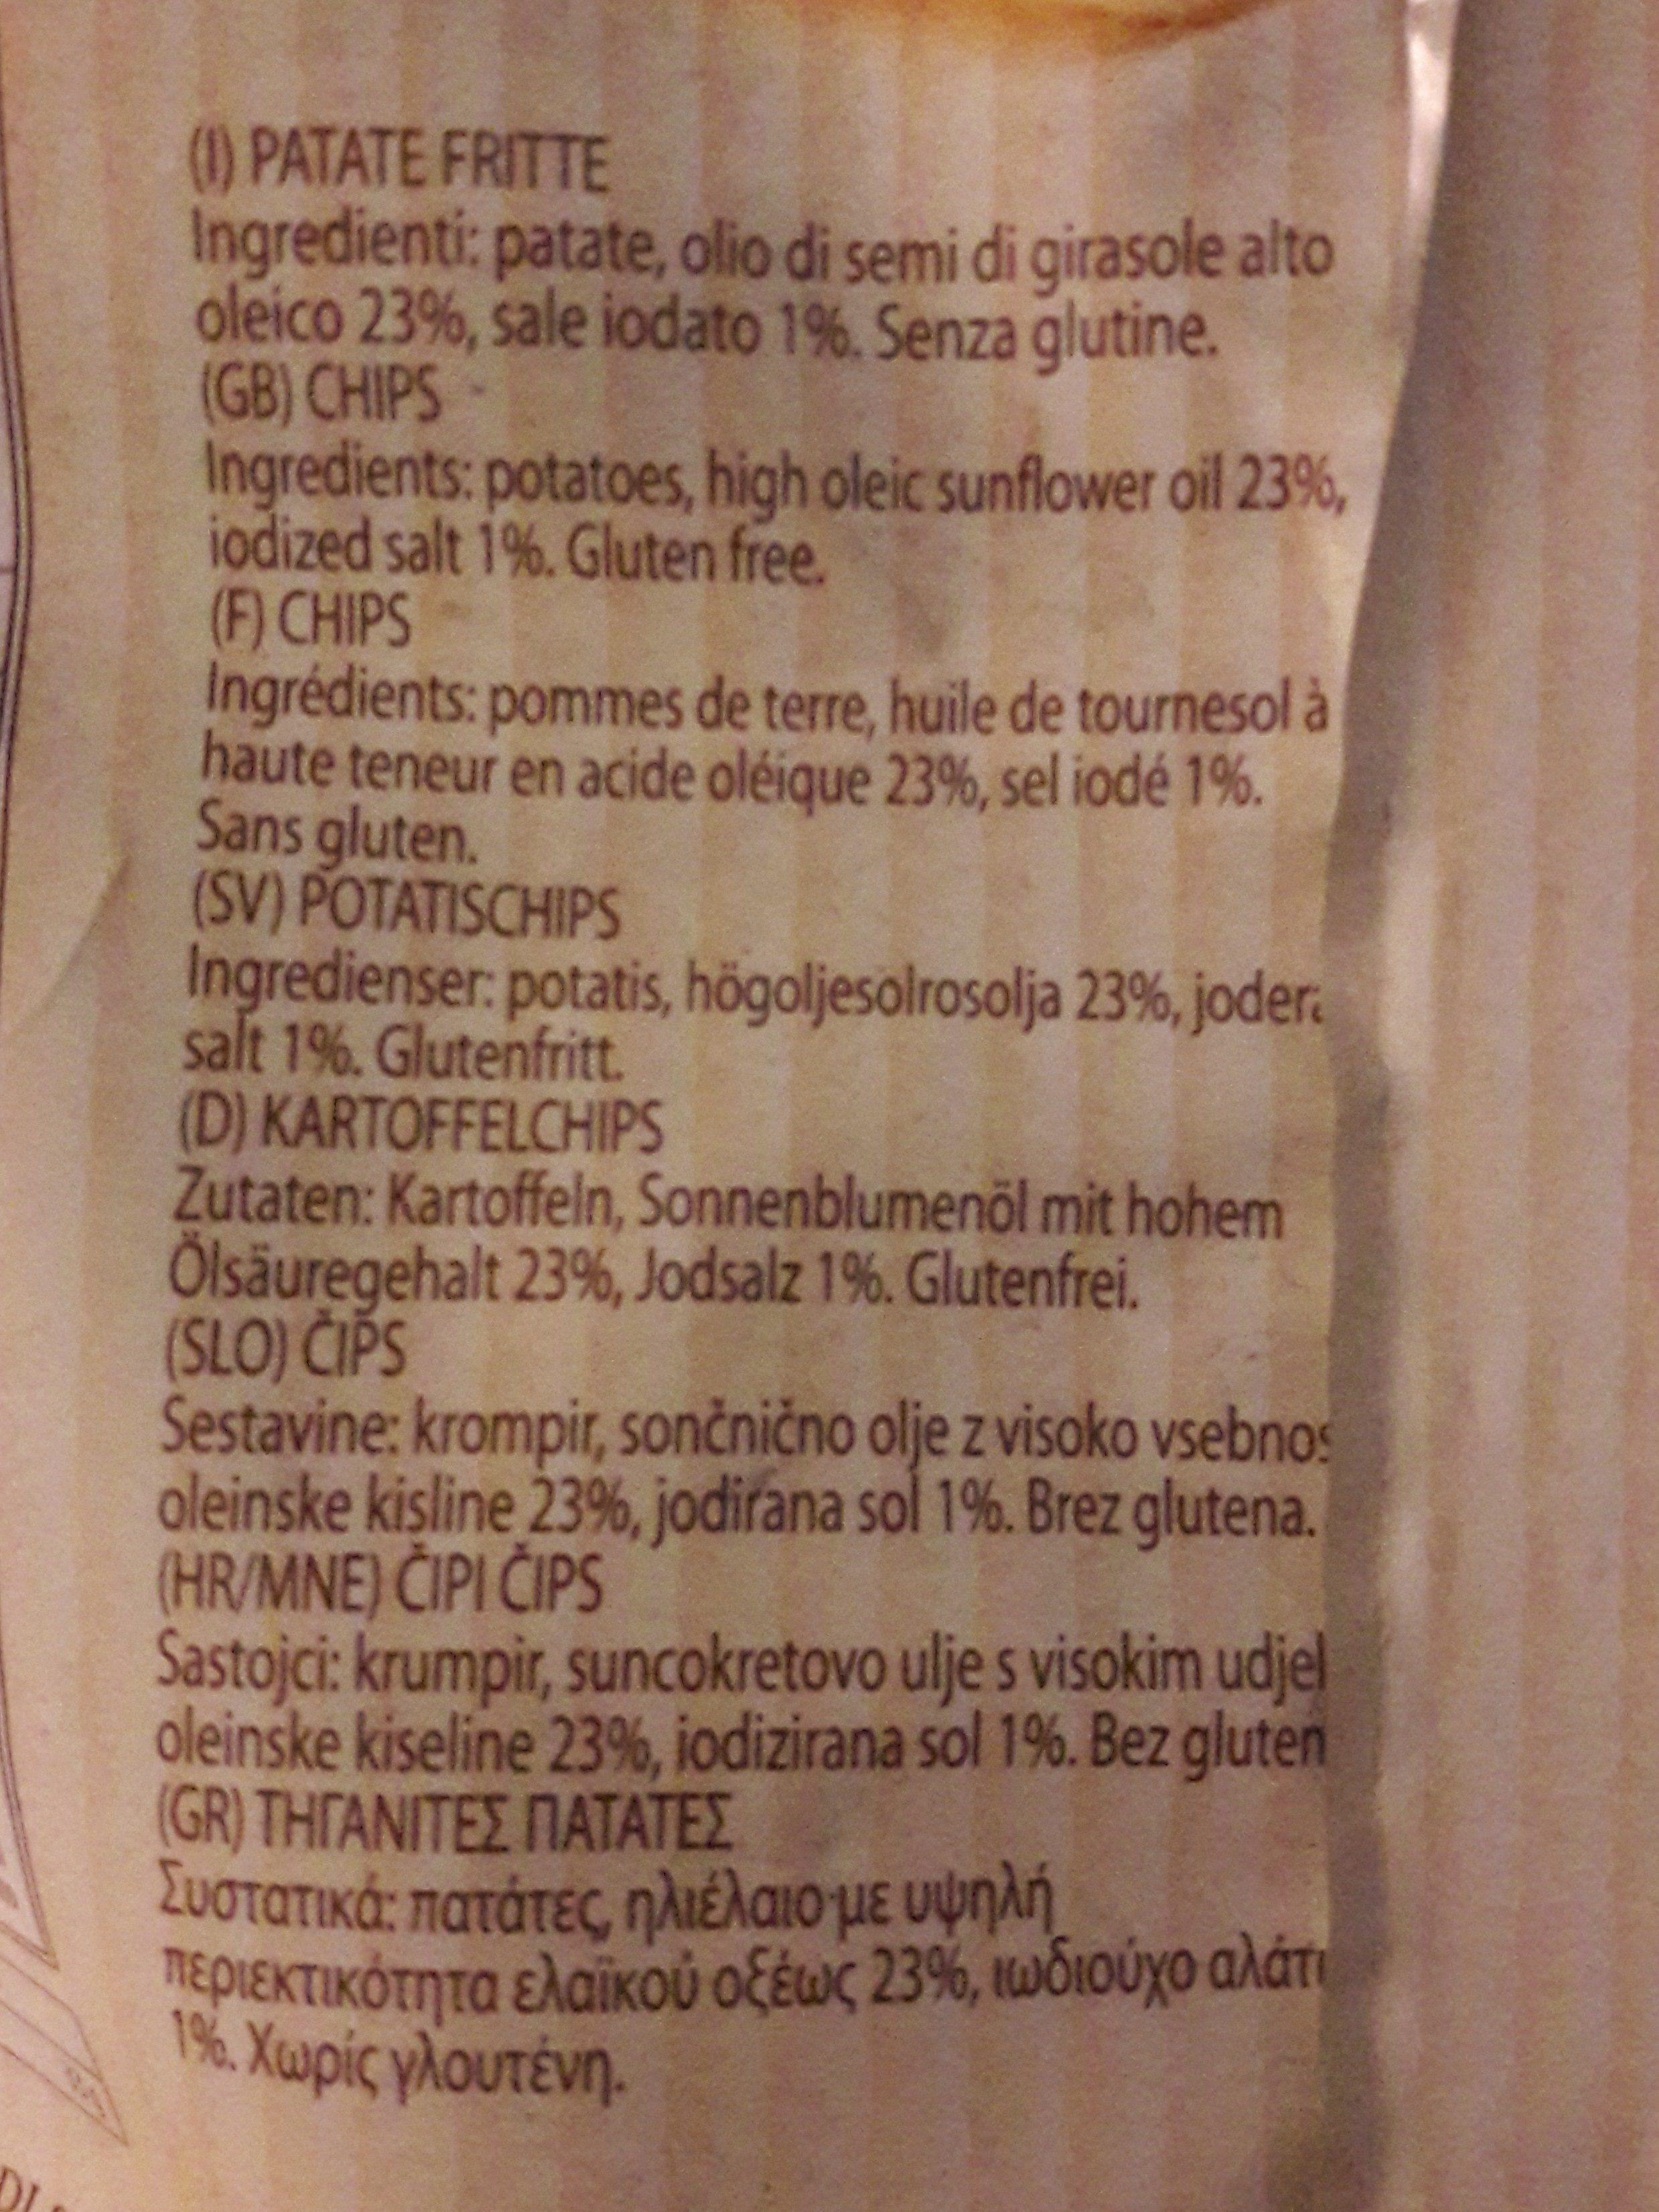 La Patatina Artigianale Chips, Gesalzen - Ingrédients